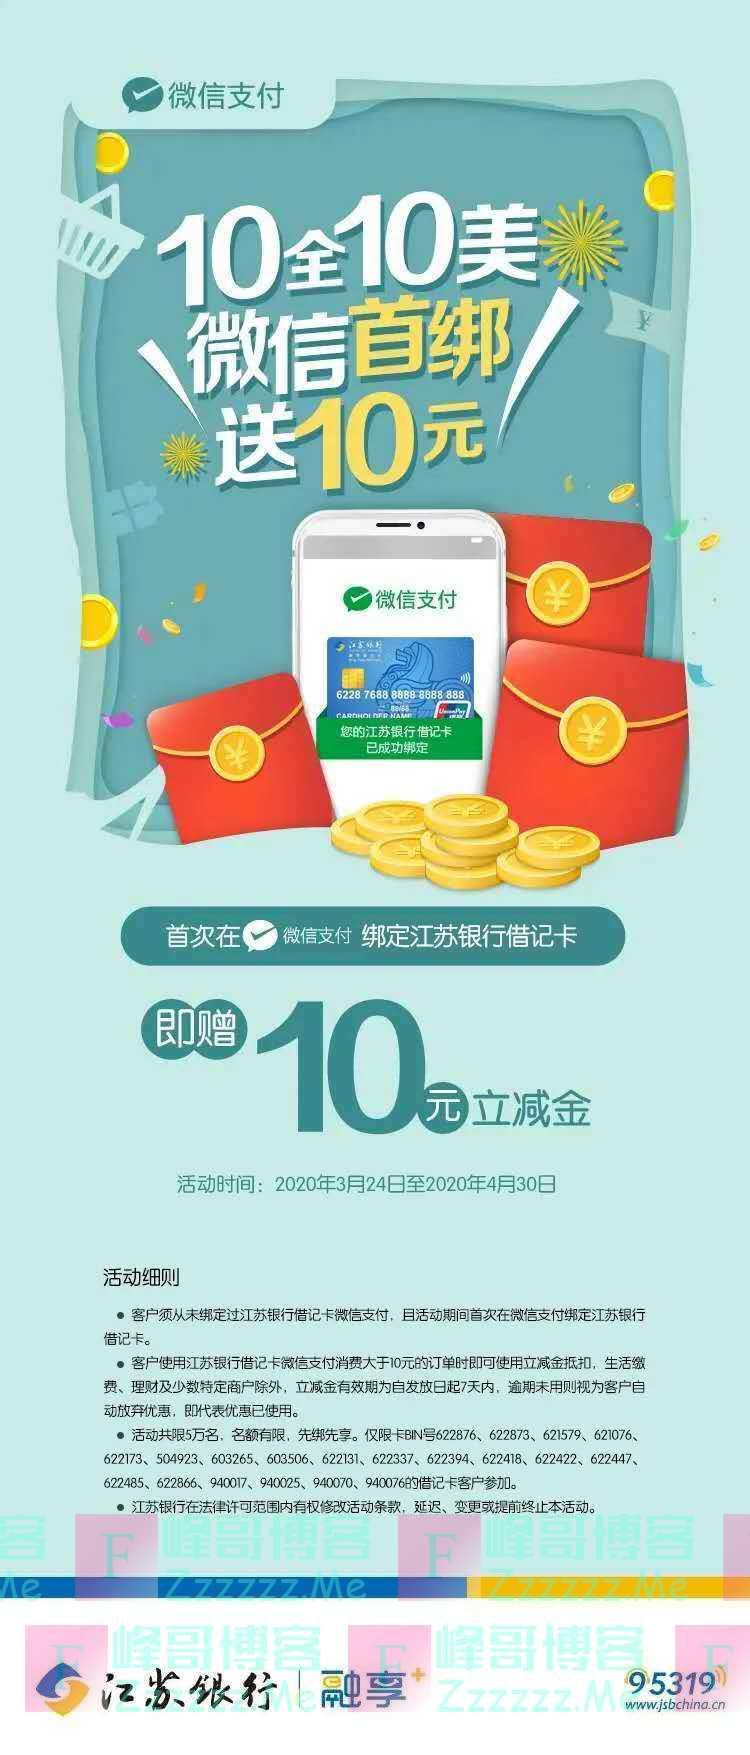 江苏银行微信首绑立享10元红包(截止4月30日)